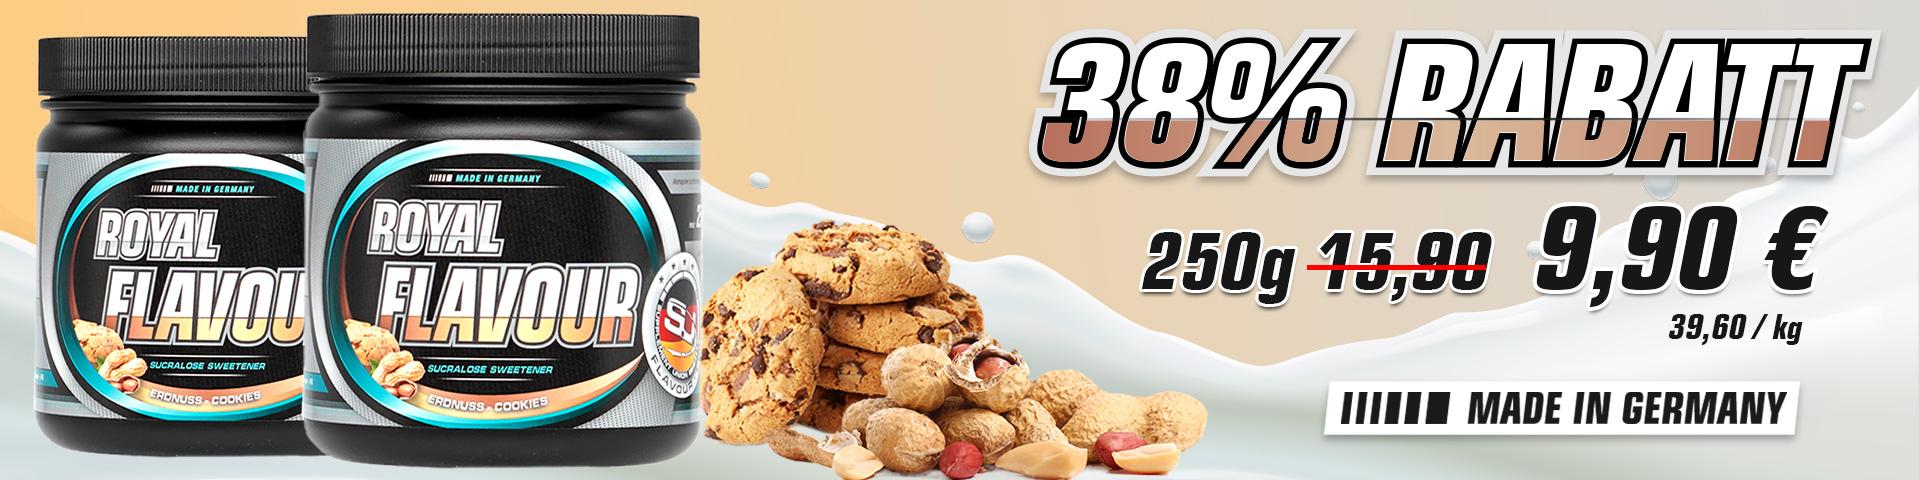 royal-flavour-erdnuss-cookies.jpg